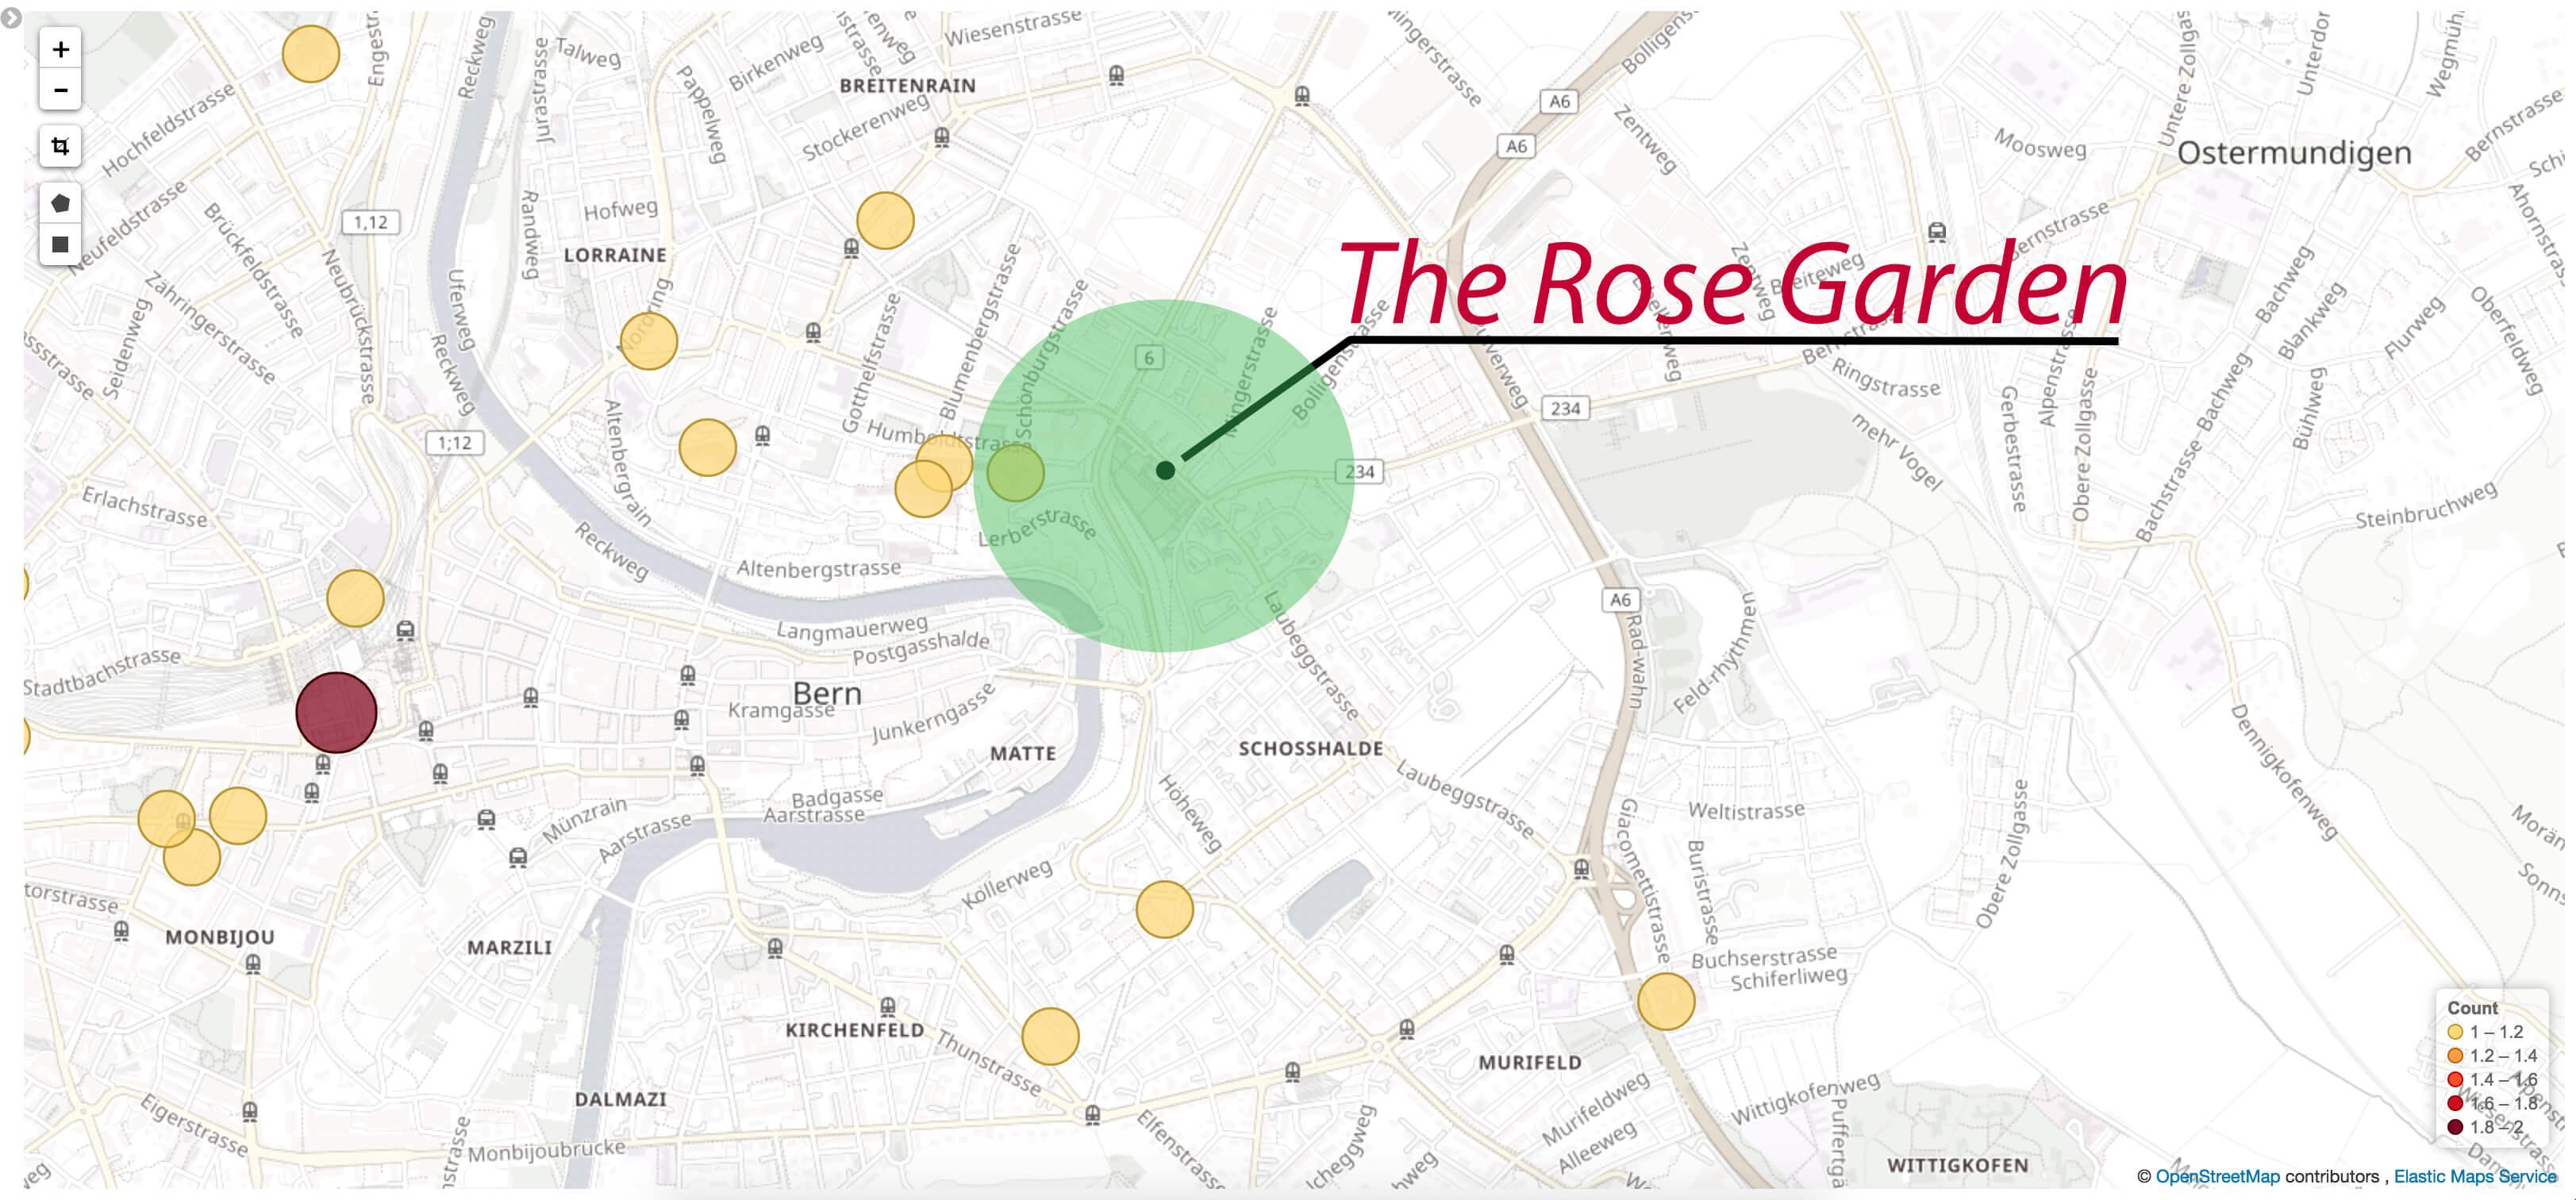 Rose Garden 500m radius search